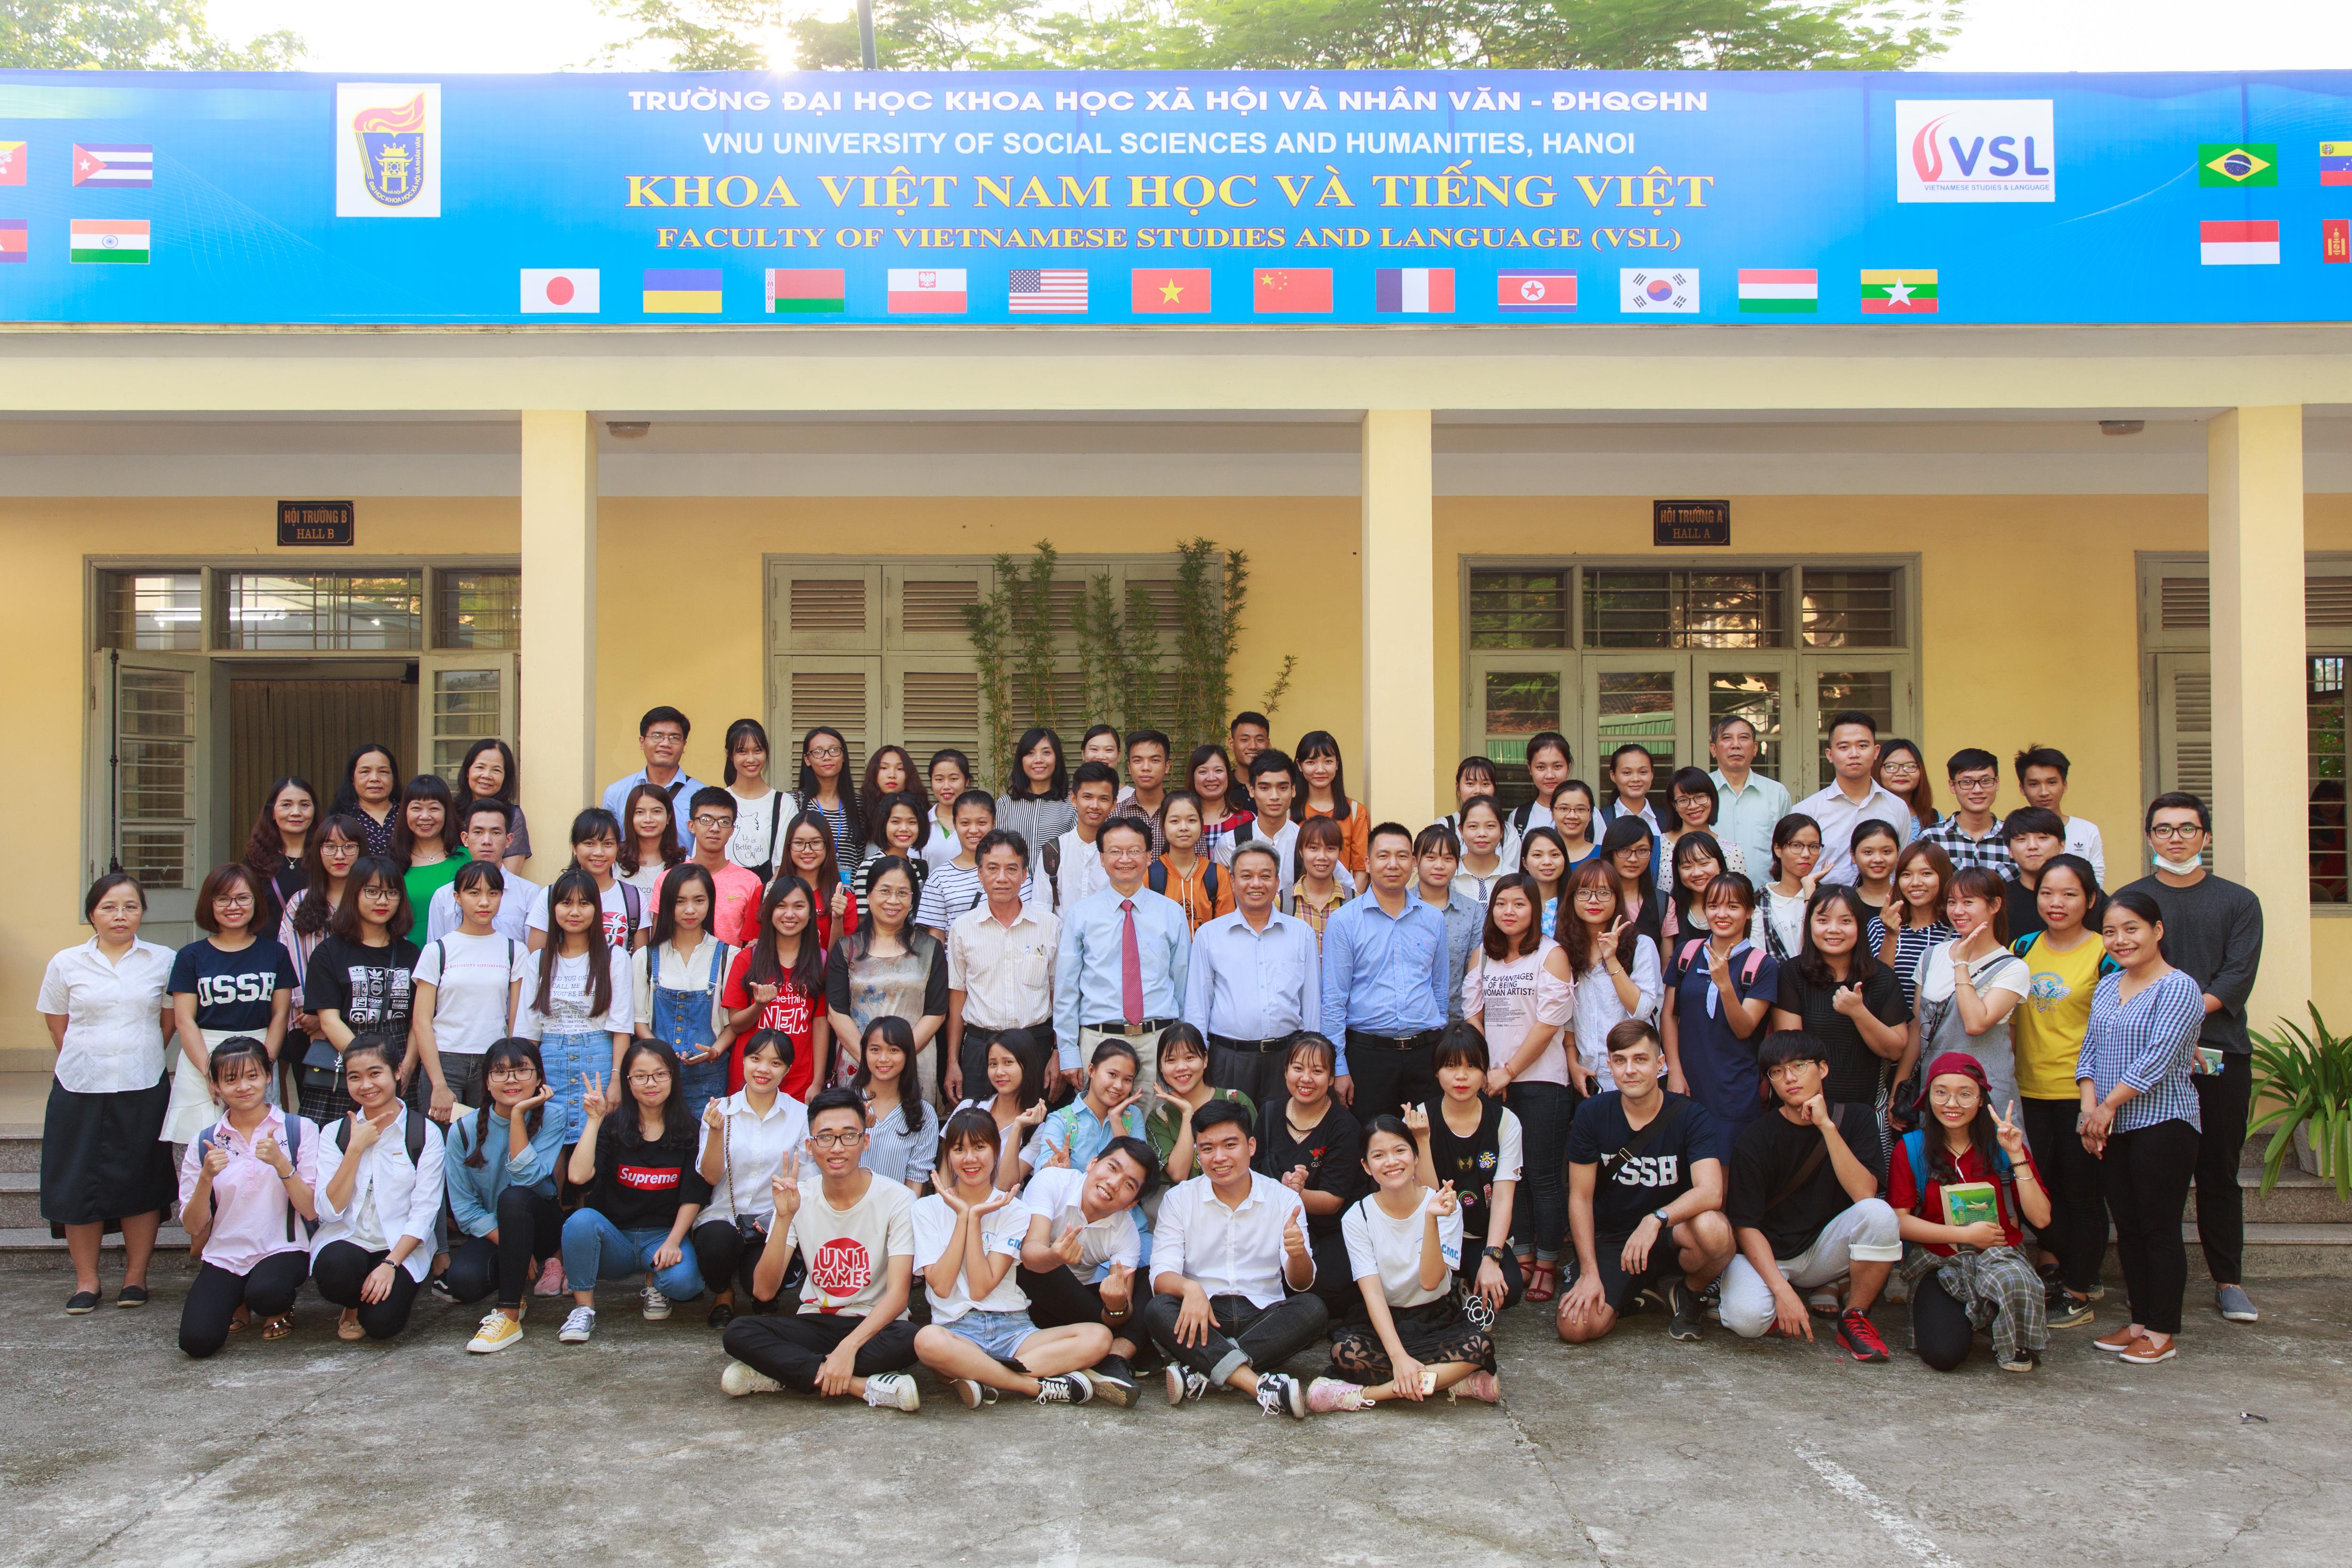 Lễ Khai giảng Chào K62 ở Khoa Việt Nam học & Tiếng Việt